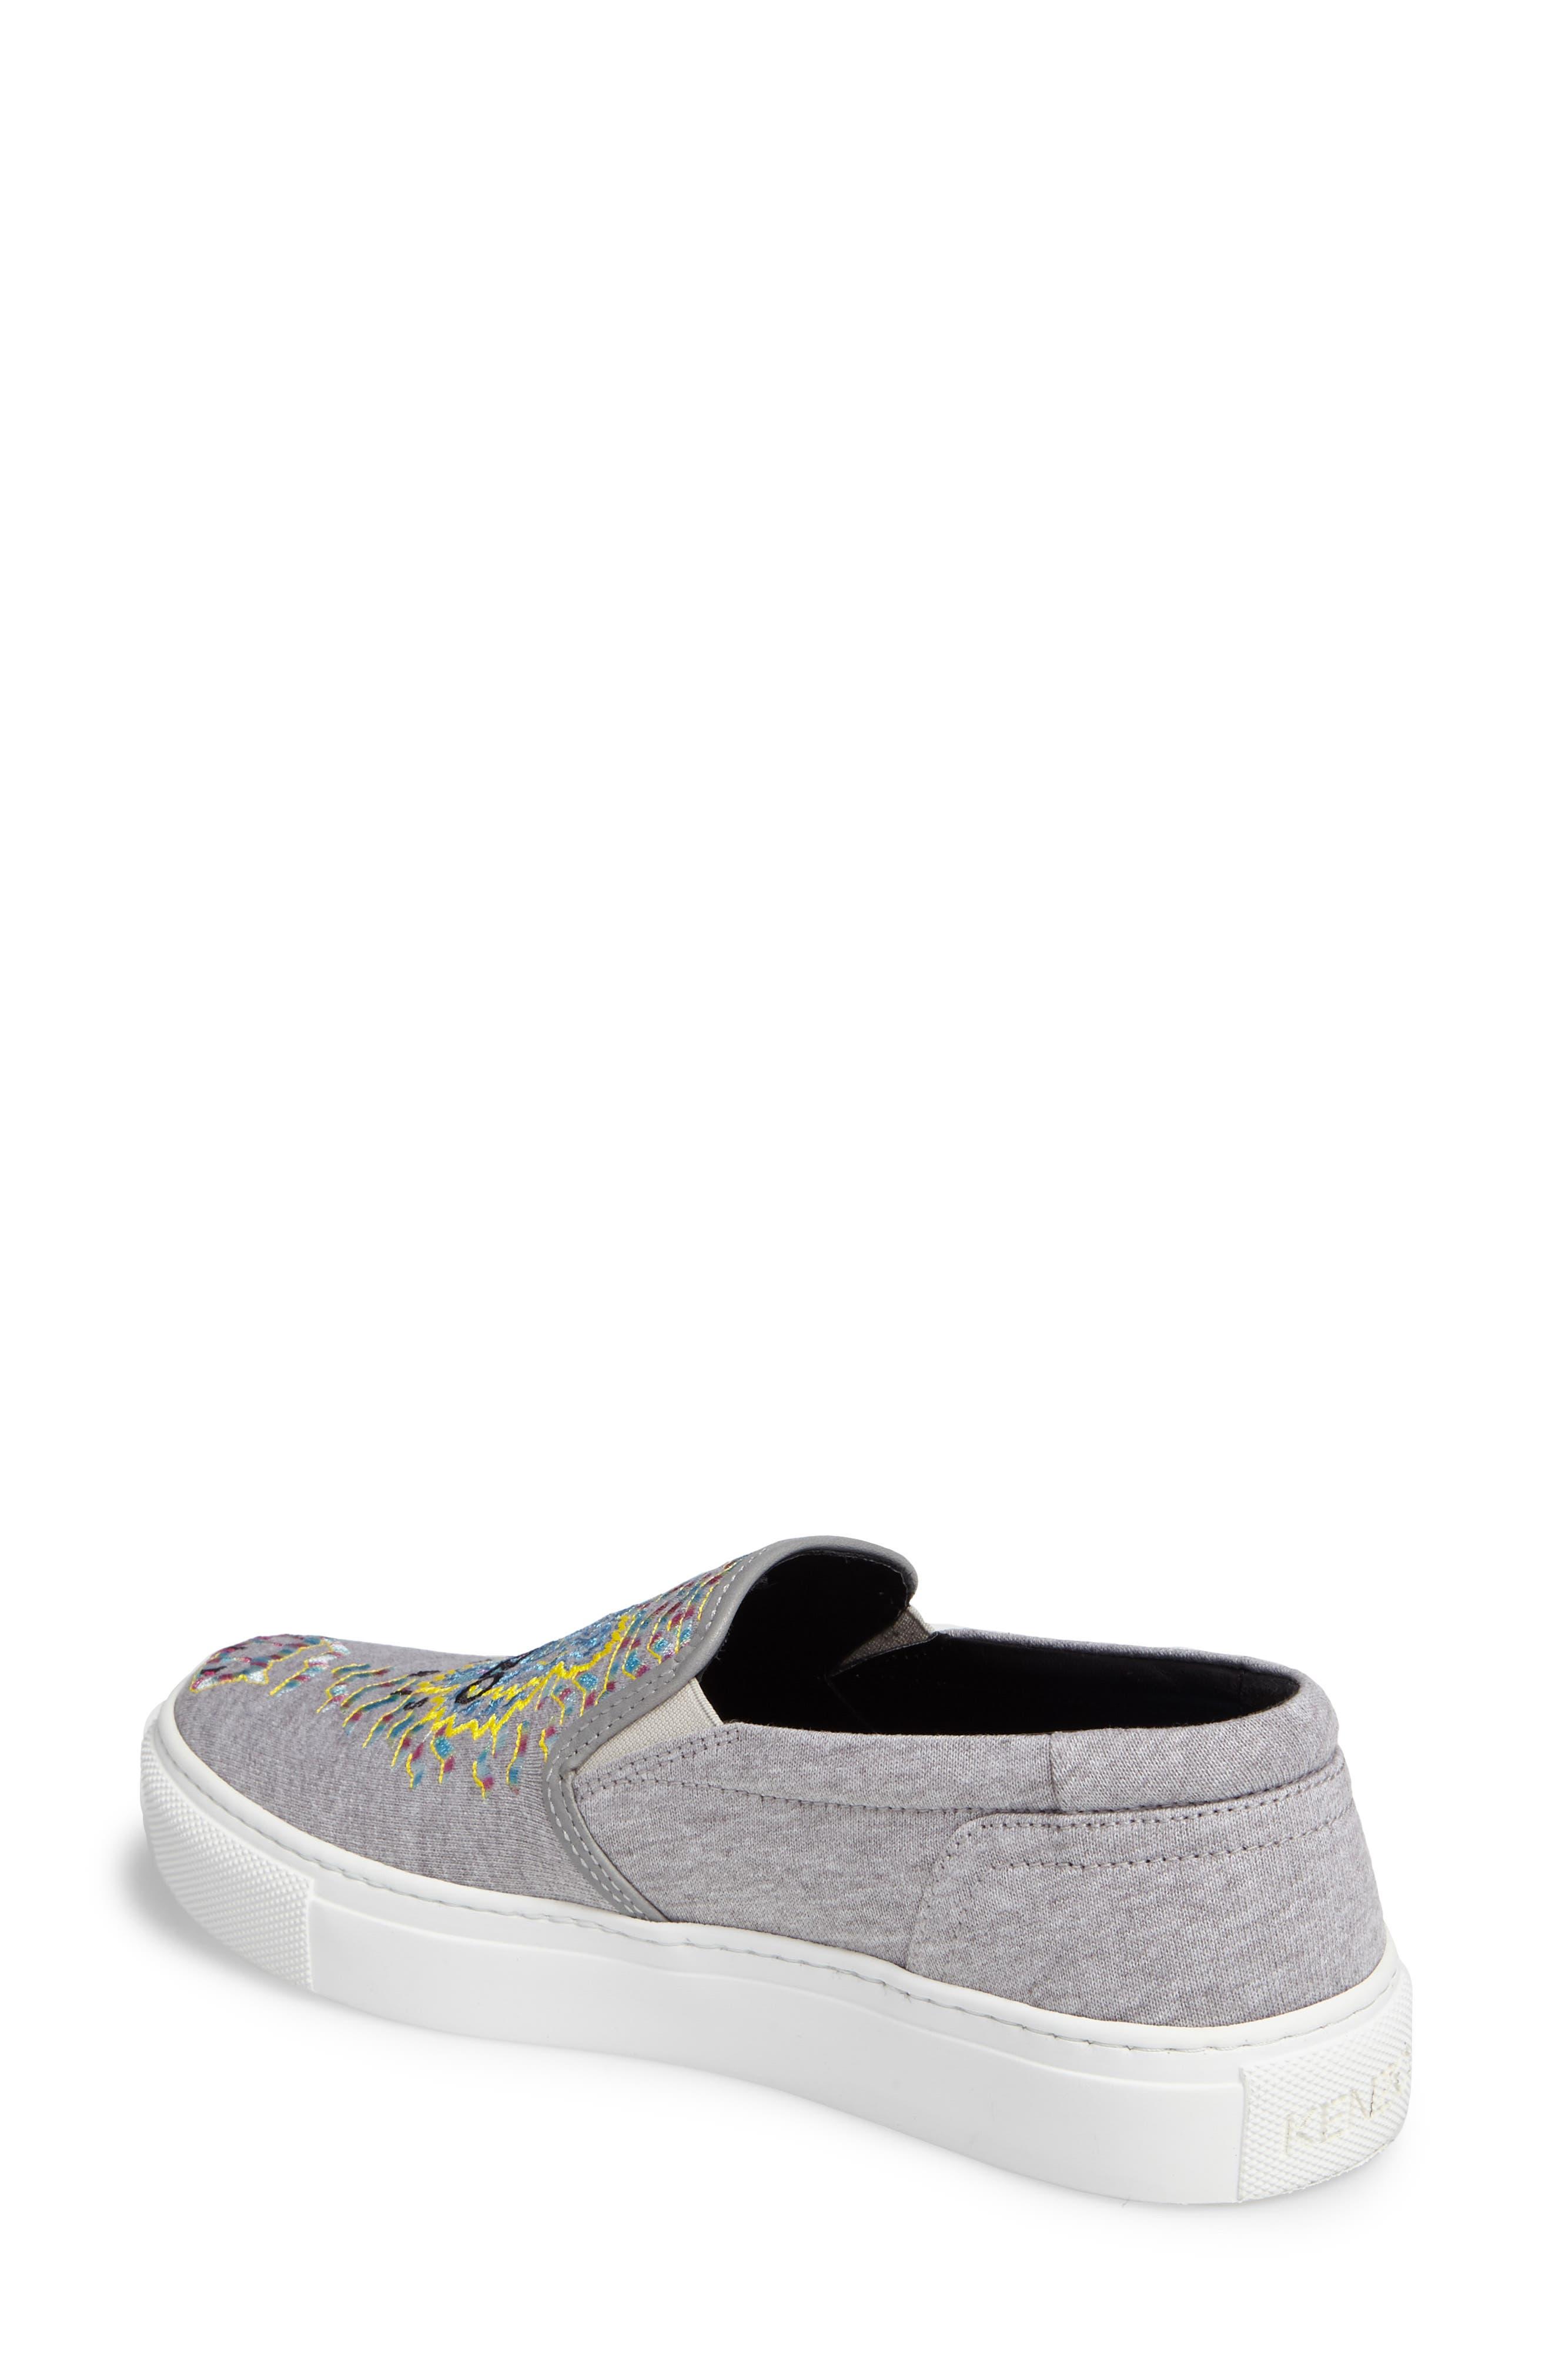 Alternate Image 2  - KENZO K Skate Embroidered Slip-On Sneaker (Women)